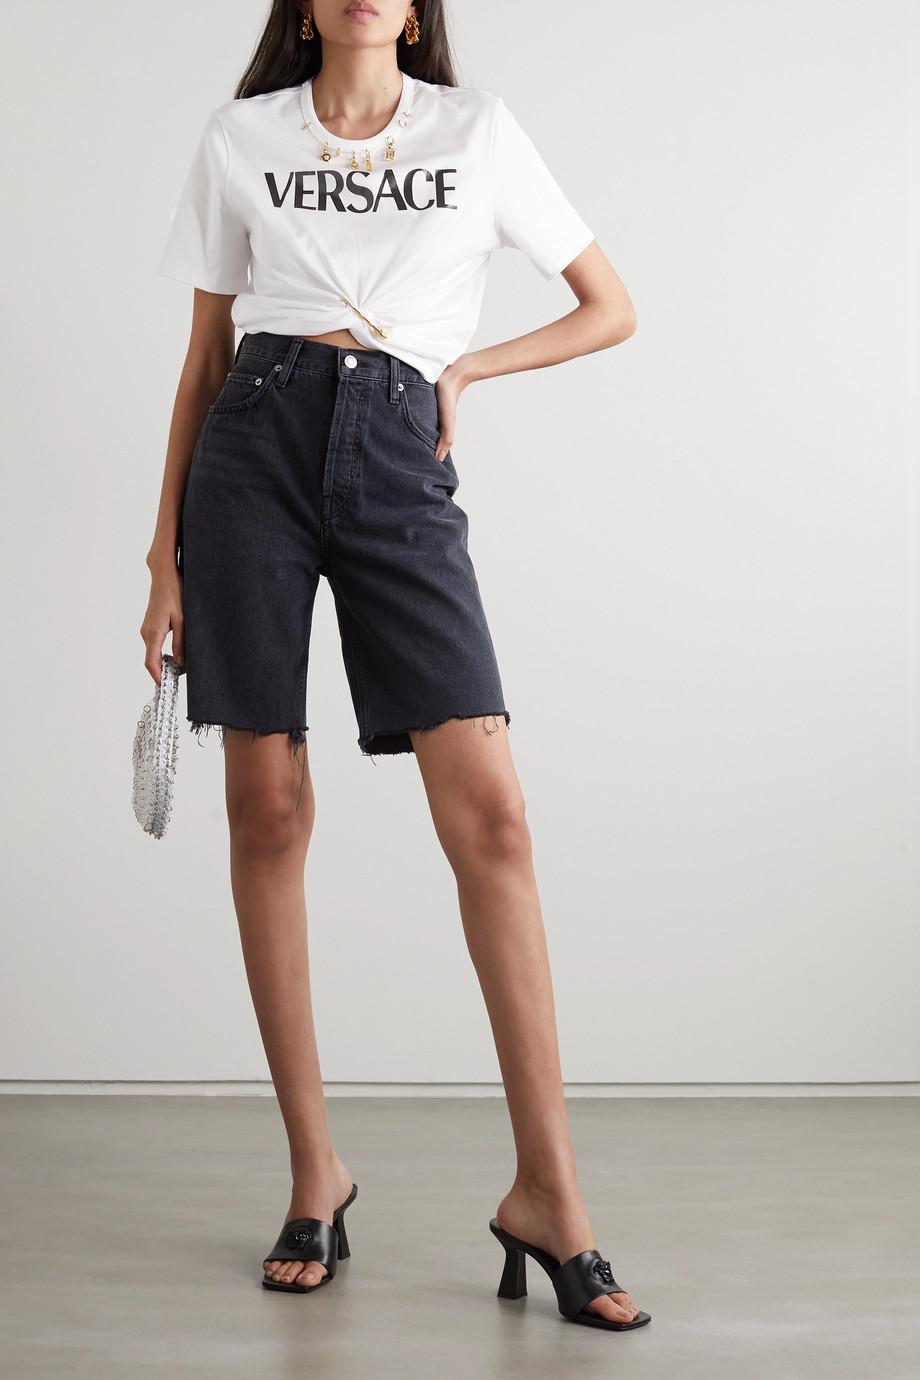 Versace T-Shirt aus Baumwoll-Jersey mit Print und Verzierungen